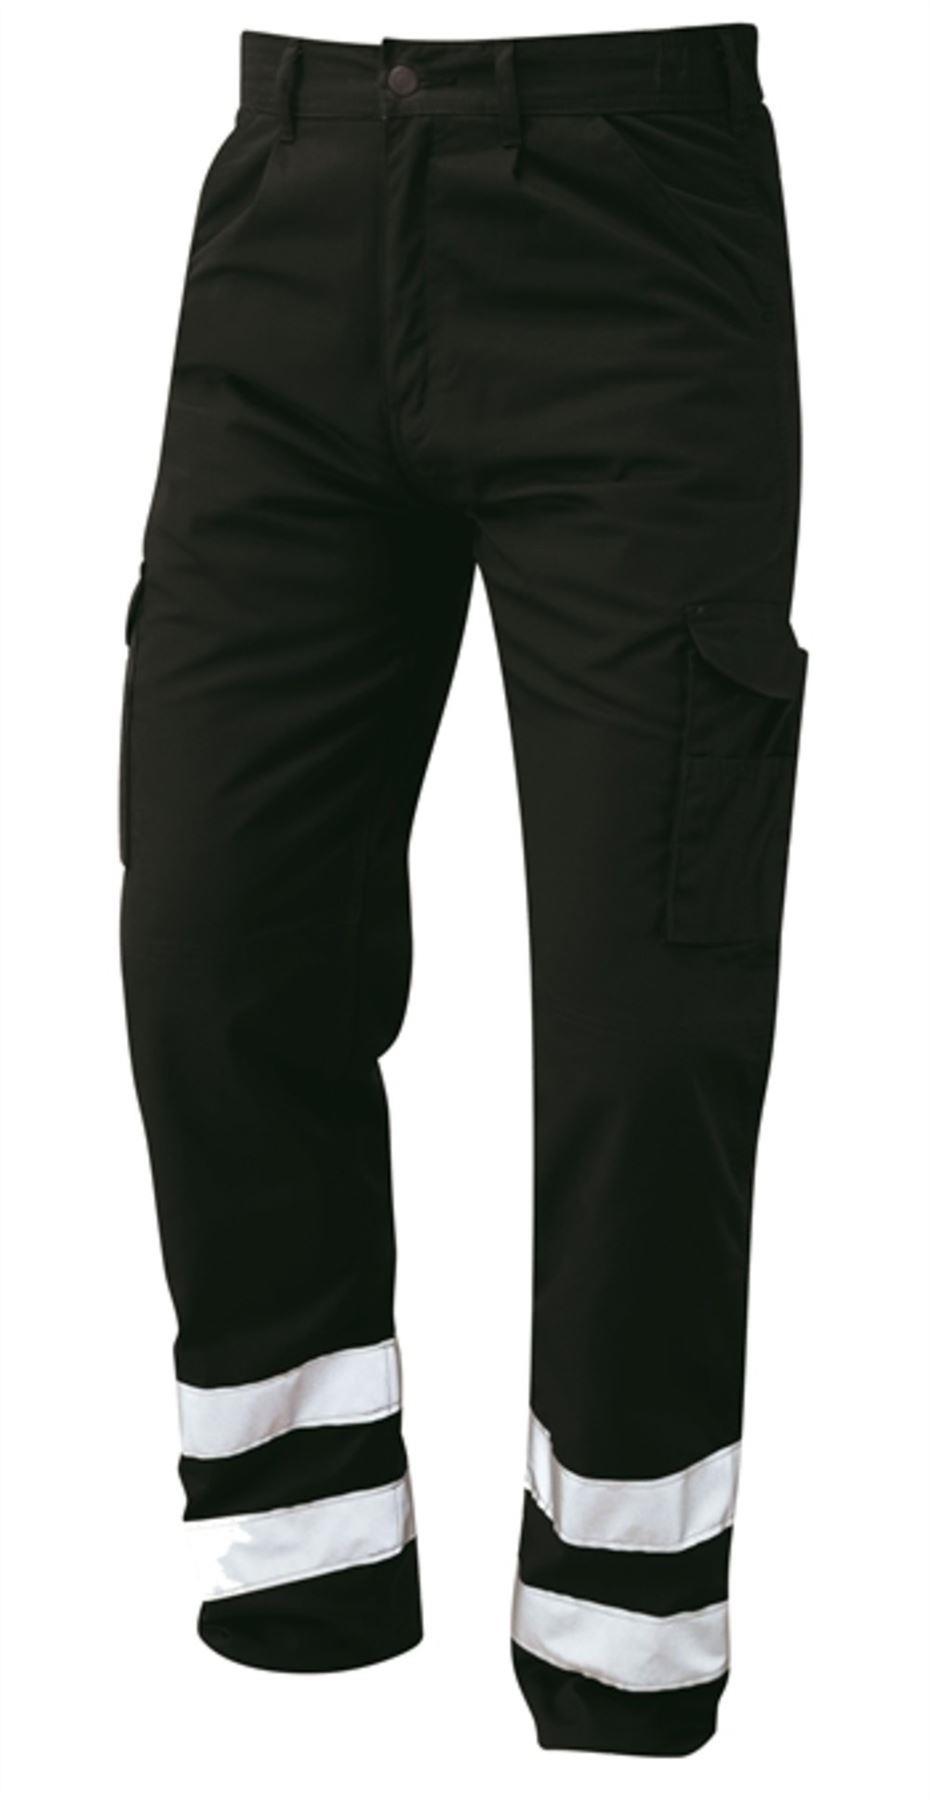 Orn Condor Hi Vis Kneepad Trousers - Black|60W32L